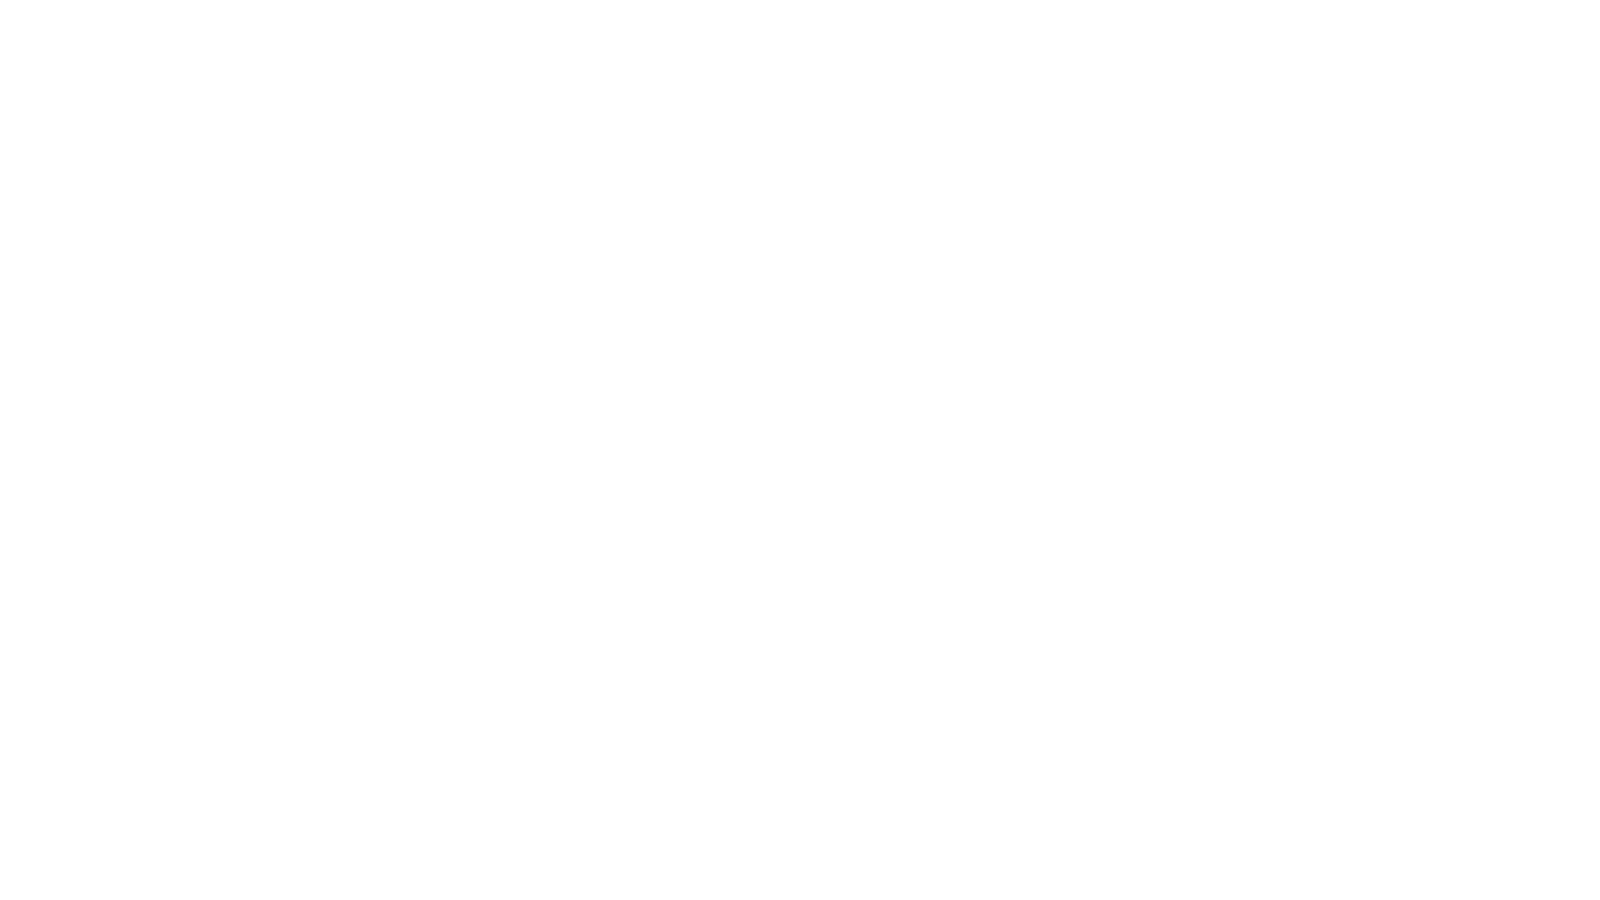 El caballo Knicks Go se les vino de punta a punta en la Pegasus World Cup con 3 millones de dólares, el sábado 23-1-2021 en Gulfstream Park, Florida EE.UU.   Visita nuestra página web: https://www.dimensionhipica.net/